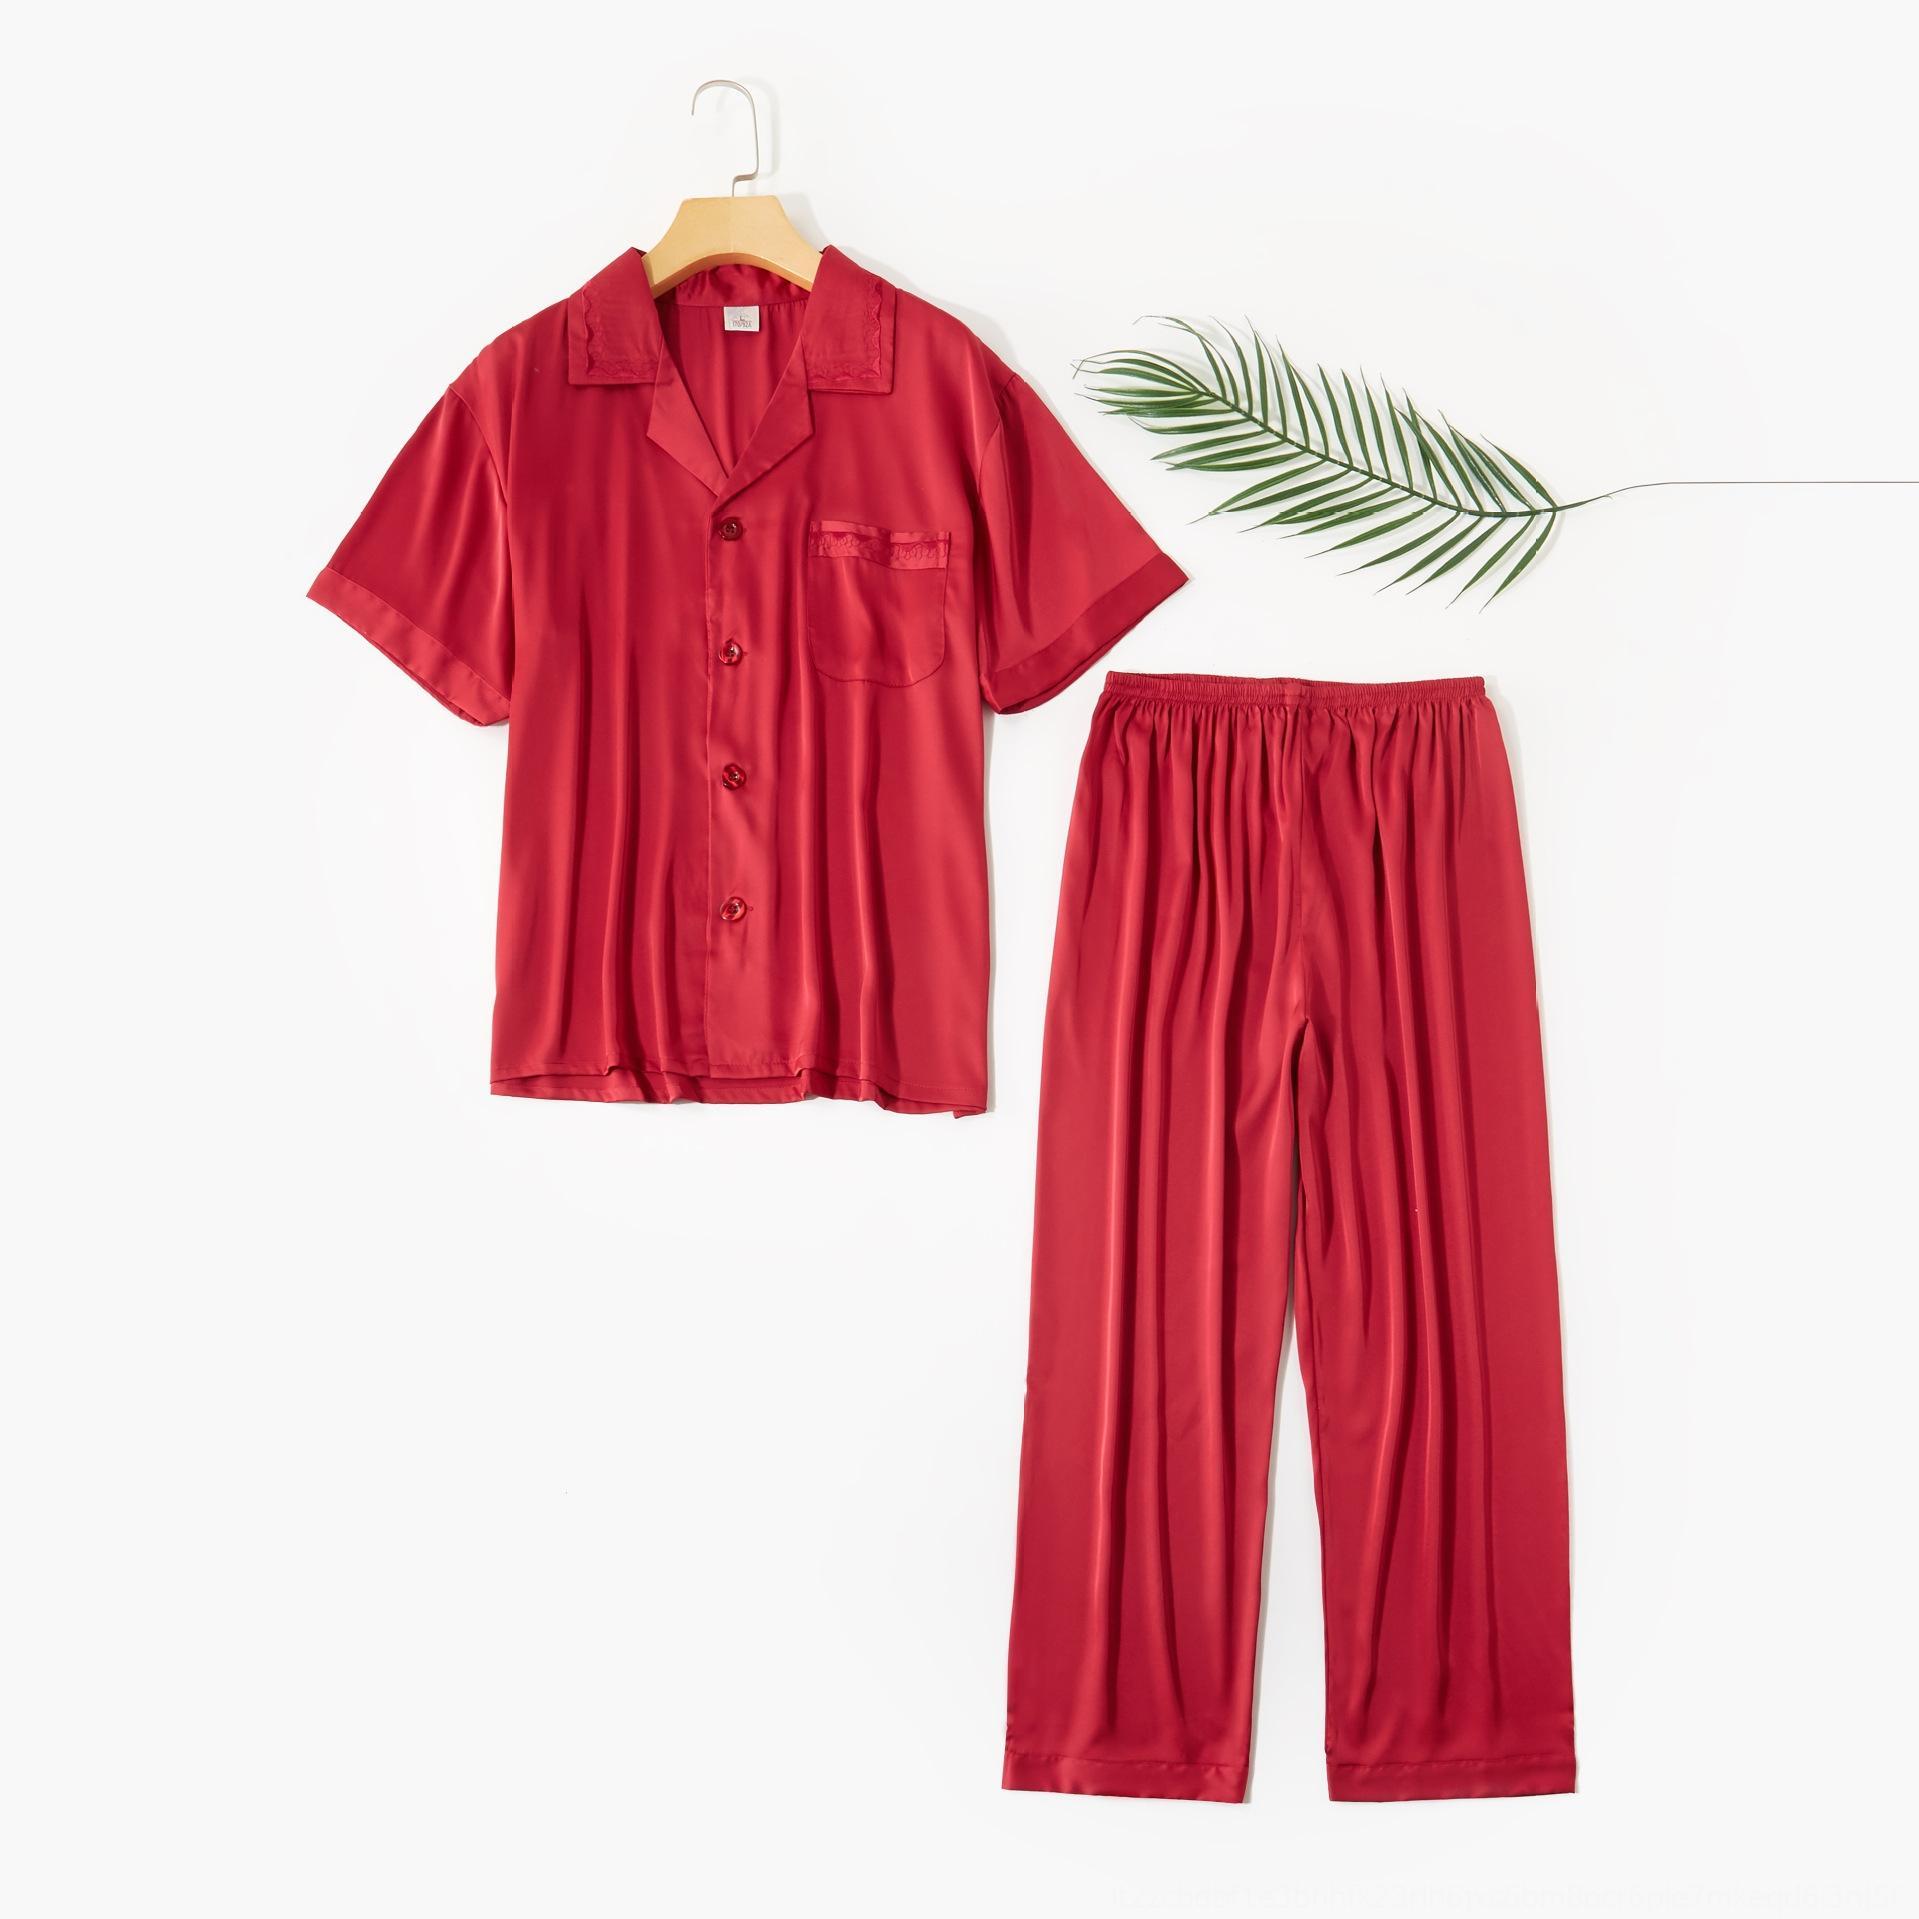 hguWy 2020 primavera nueva satén pijamas de los hombres de los pantalones de gasa traje de pantalones suitTrousers traje de solapa pantalones de manga corta manera determinada del hogar delgada